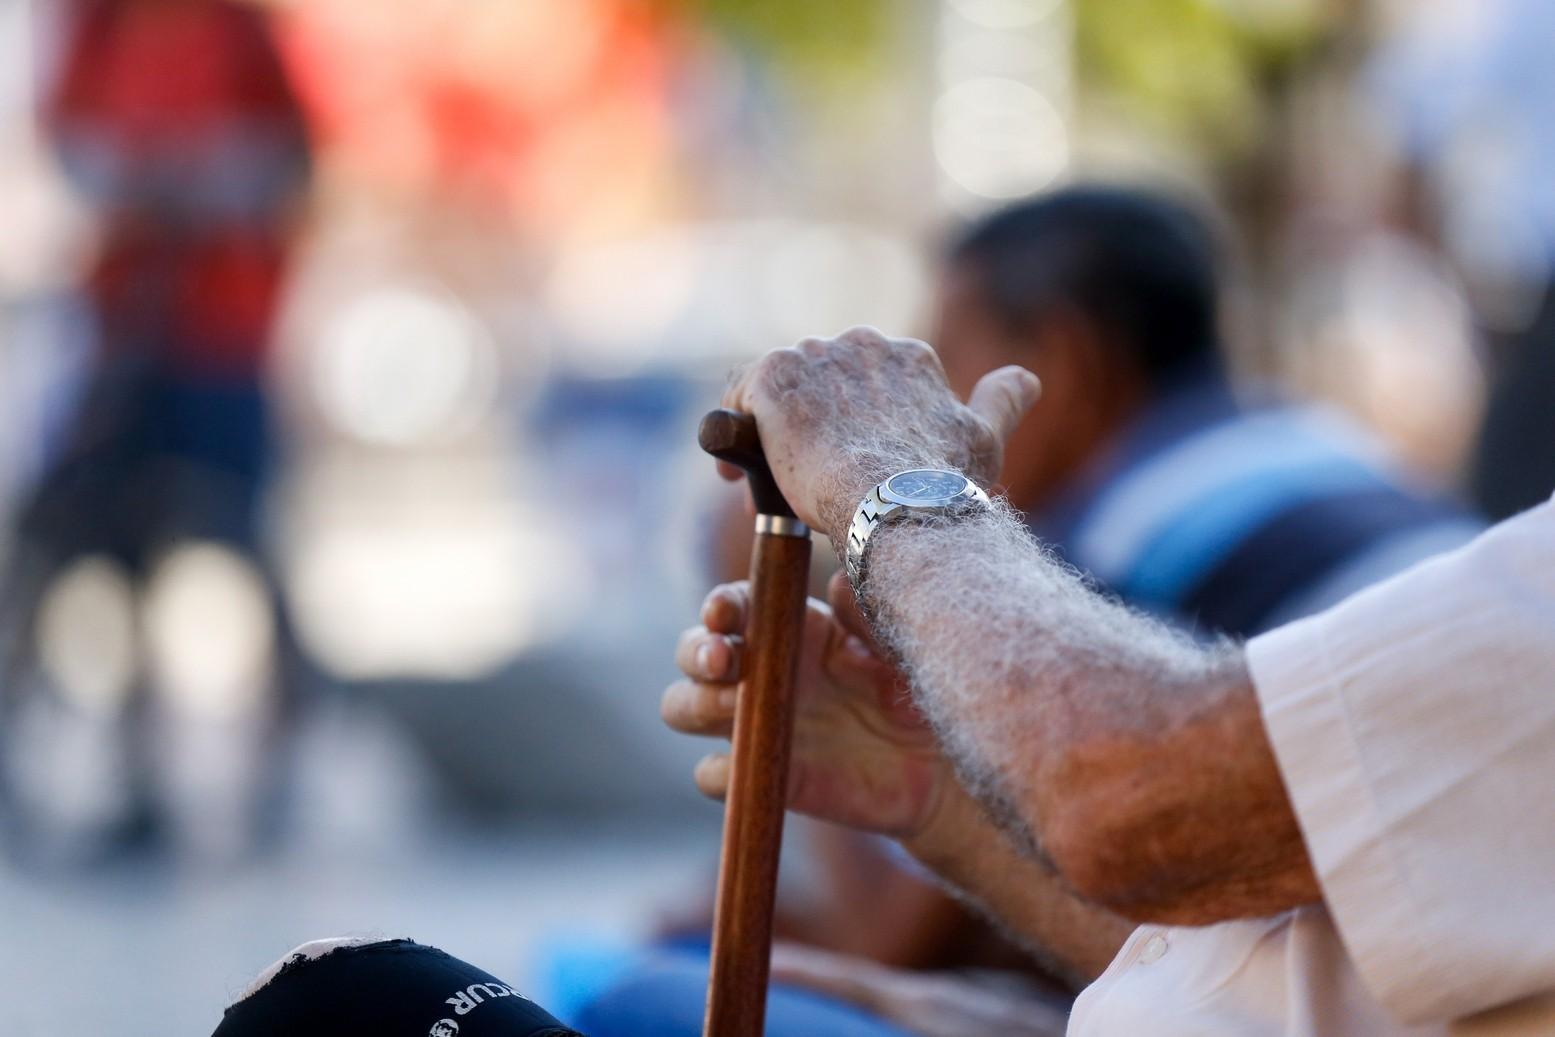 Coronavírus: novo decreto em Uberaba restringe circulação de idosos e amplia poder de polícia do Município